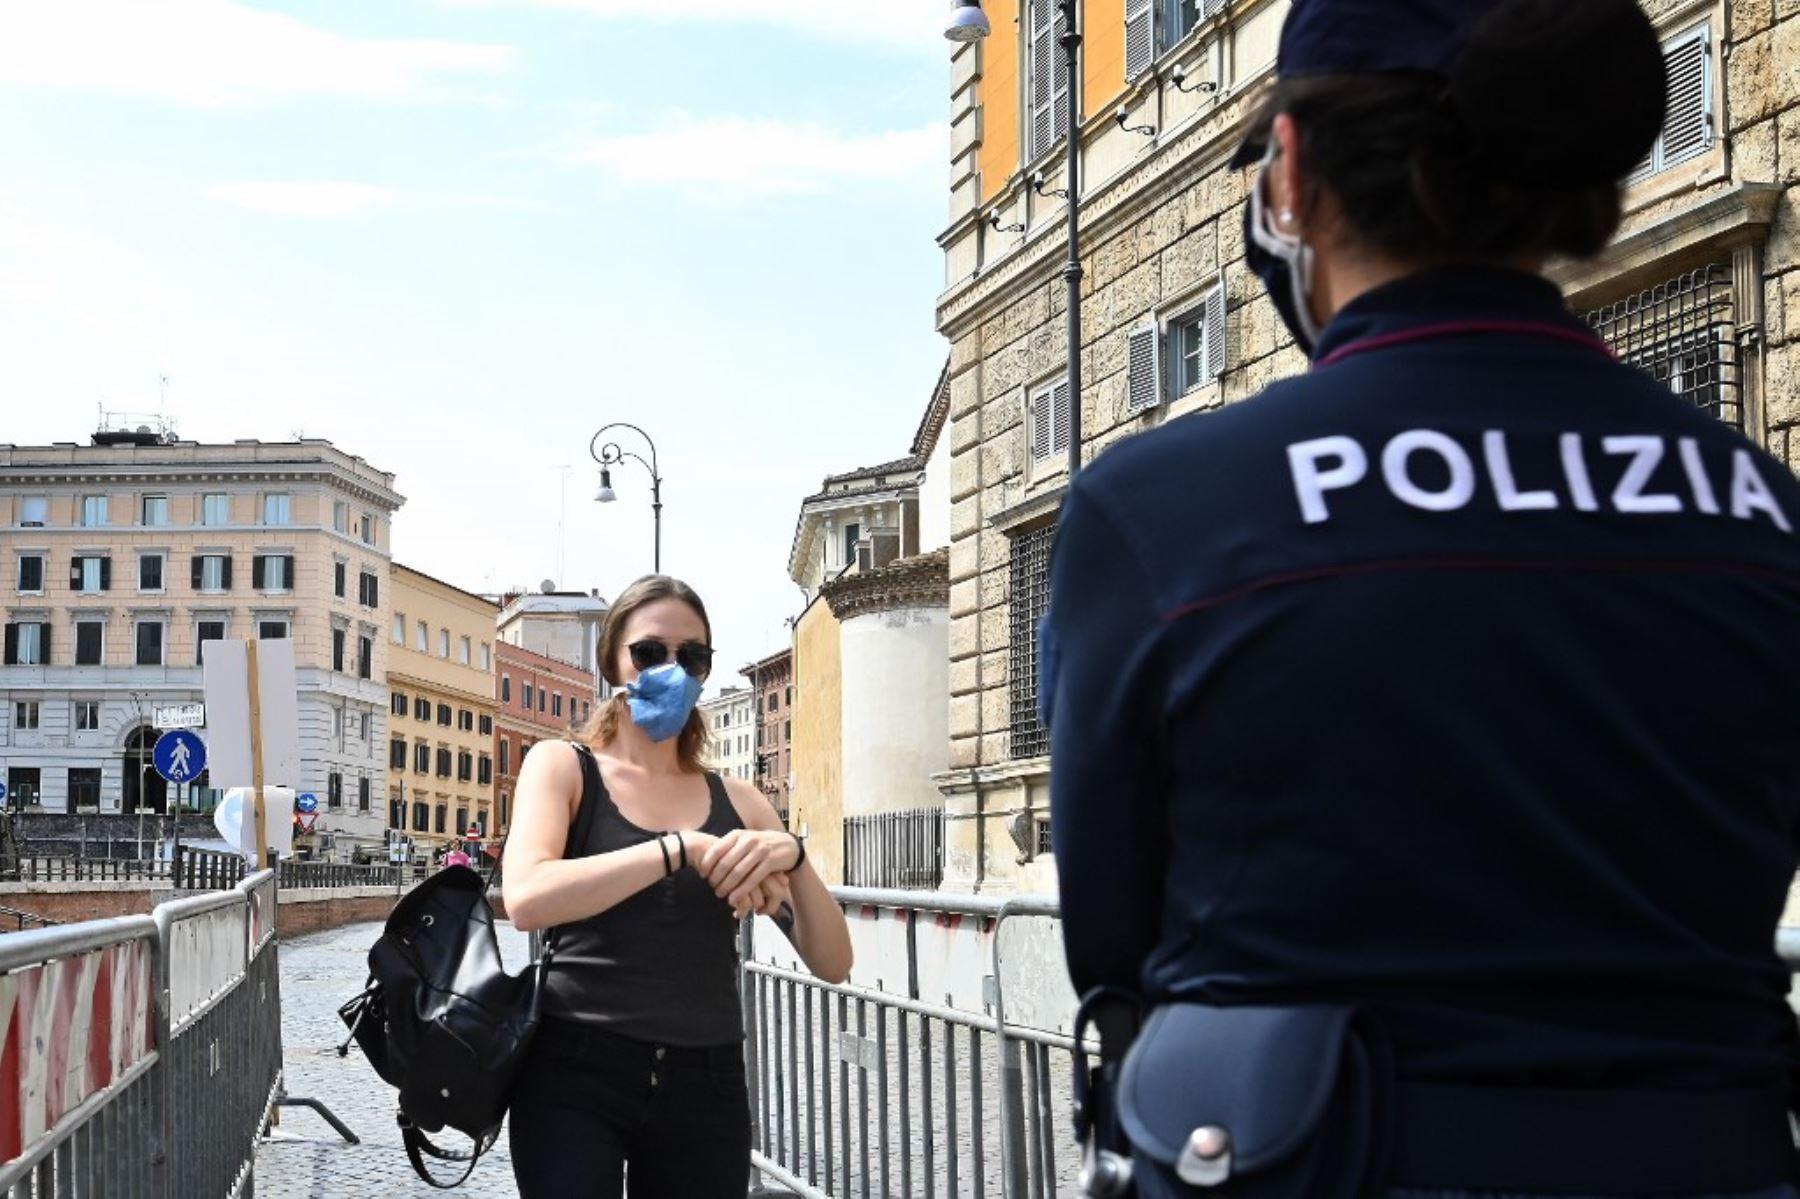 La policía lleva a cabo controles de seguridad y desinfección a medida que las personas llegan para asistir a la oración del Ángelus, en la Plaza San Pedro. Foto: AFP